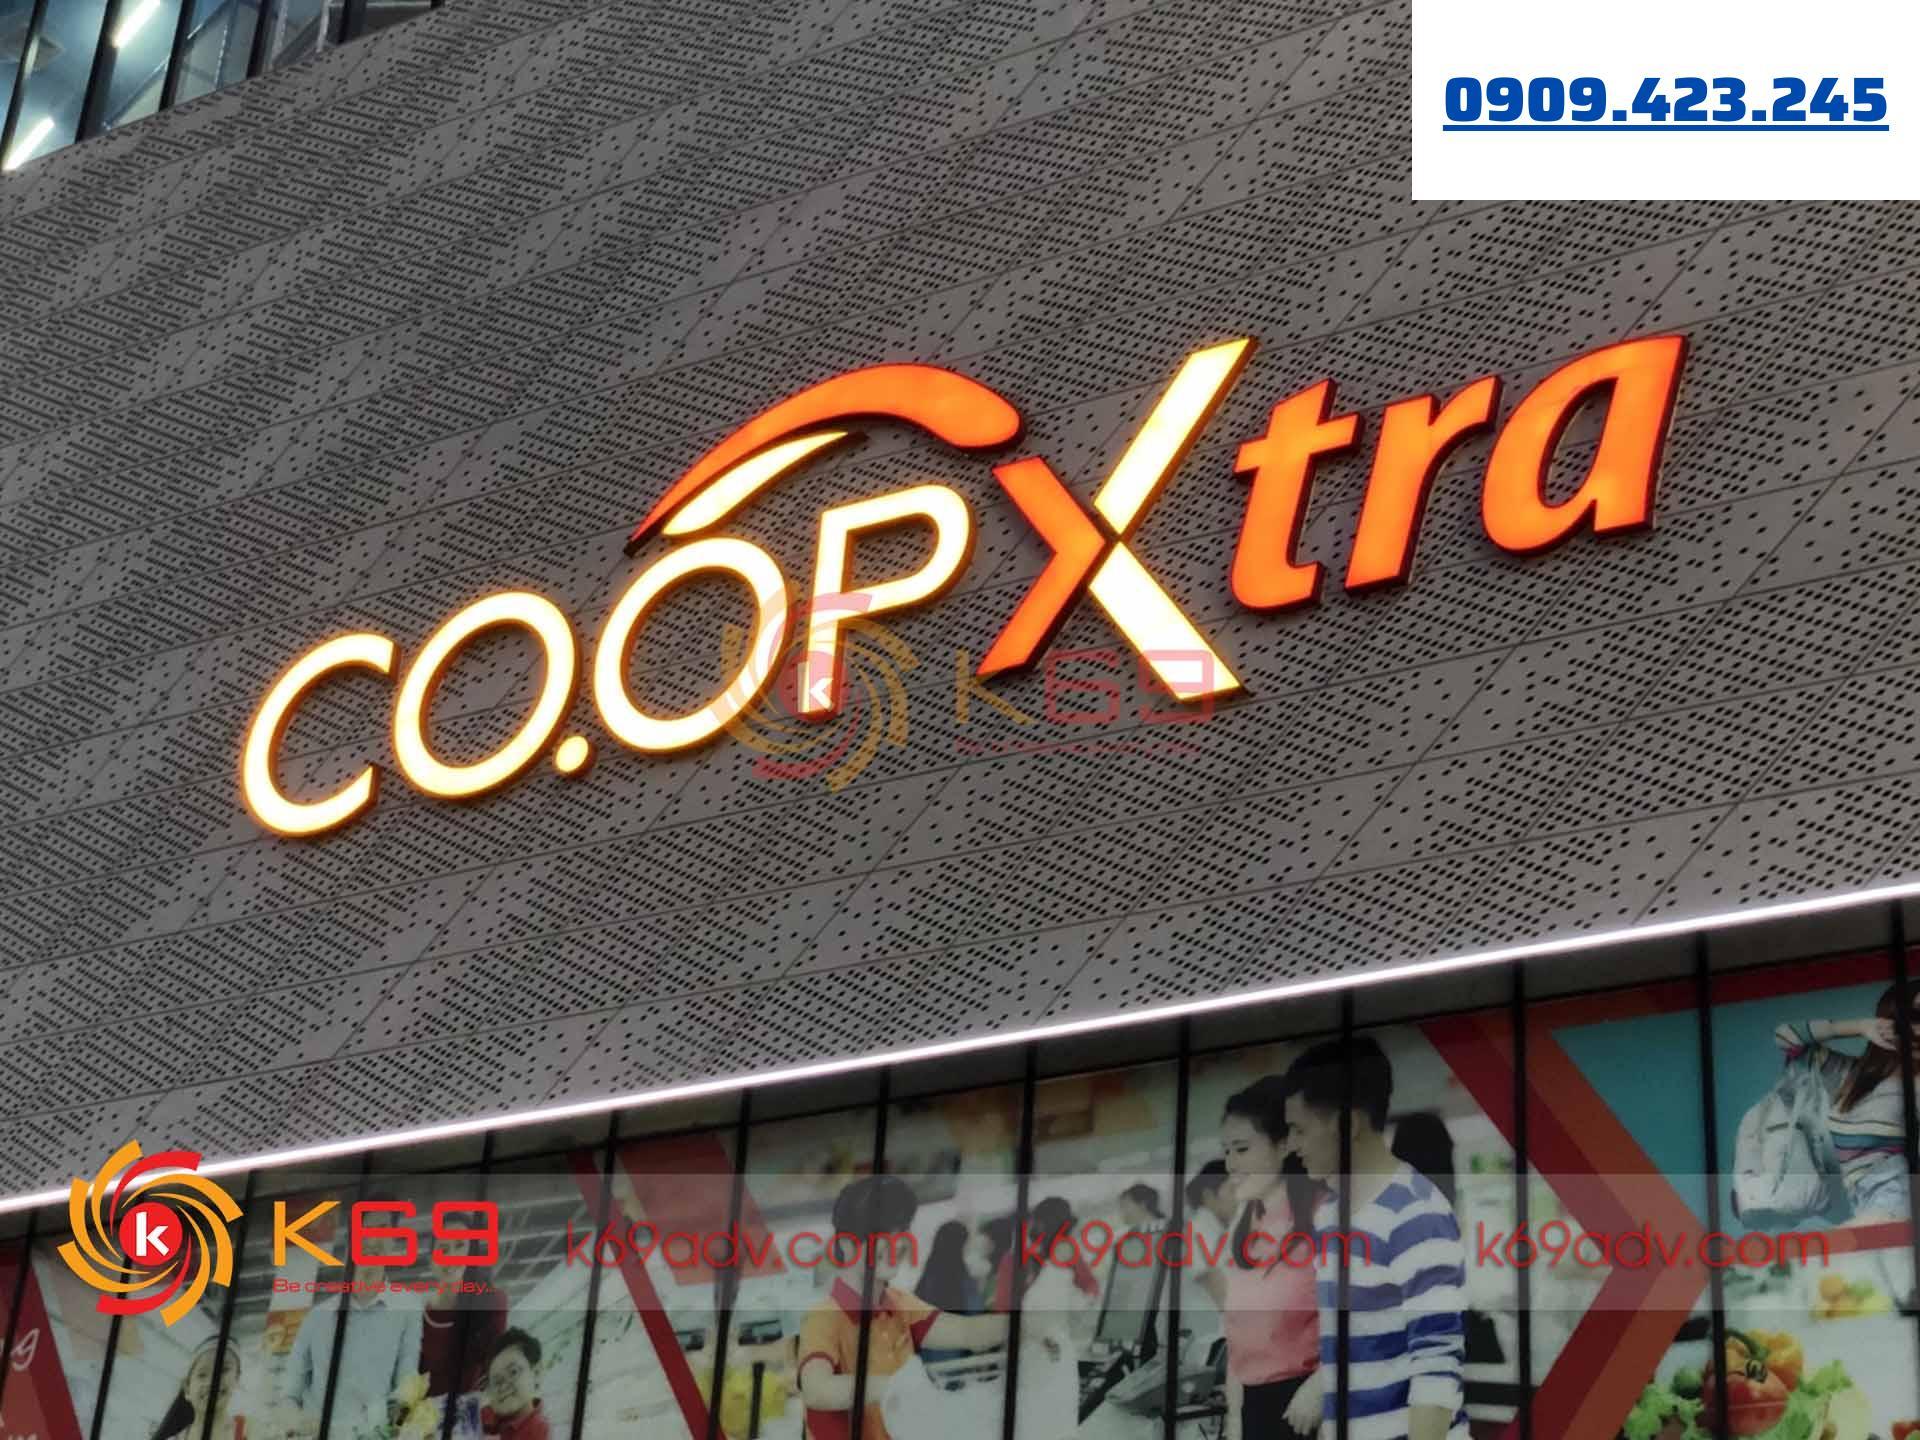 Làm bảng hiệu quảng cáo siêu thị coopxtra tại K69adv